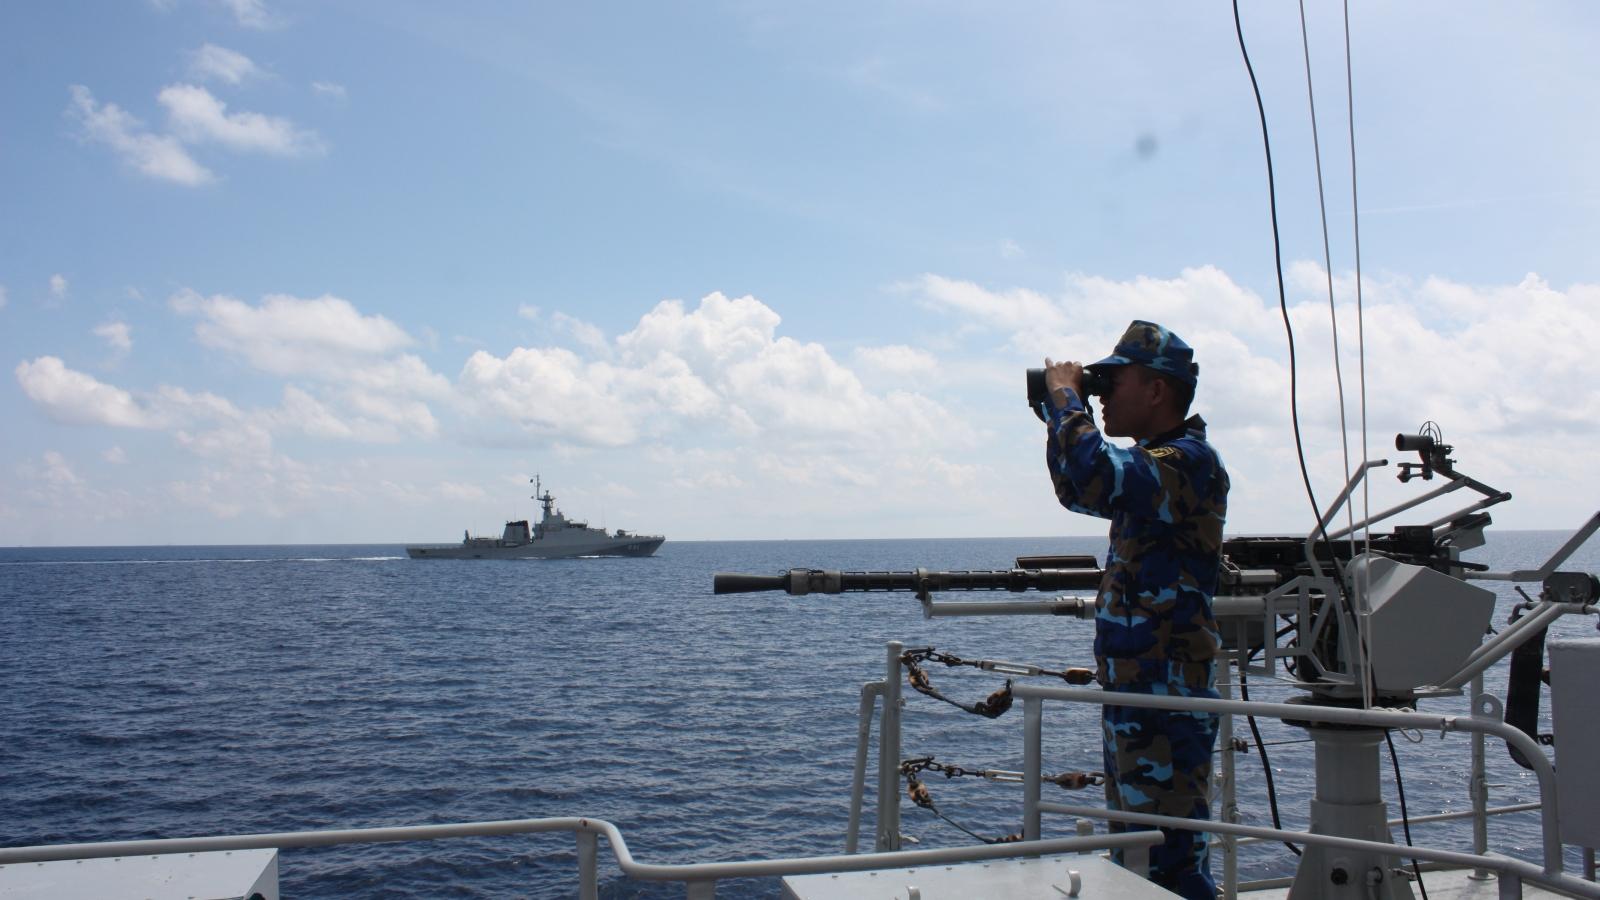 """Biên đội tàu Vùng 5 Hải quân: Tự hào """"nhịp cầu nối"""" tình hữu nghị trên biển"""